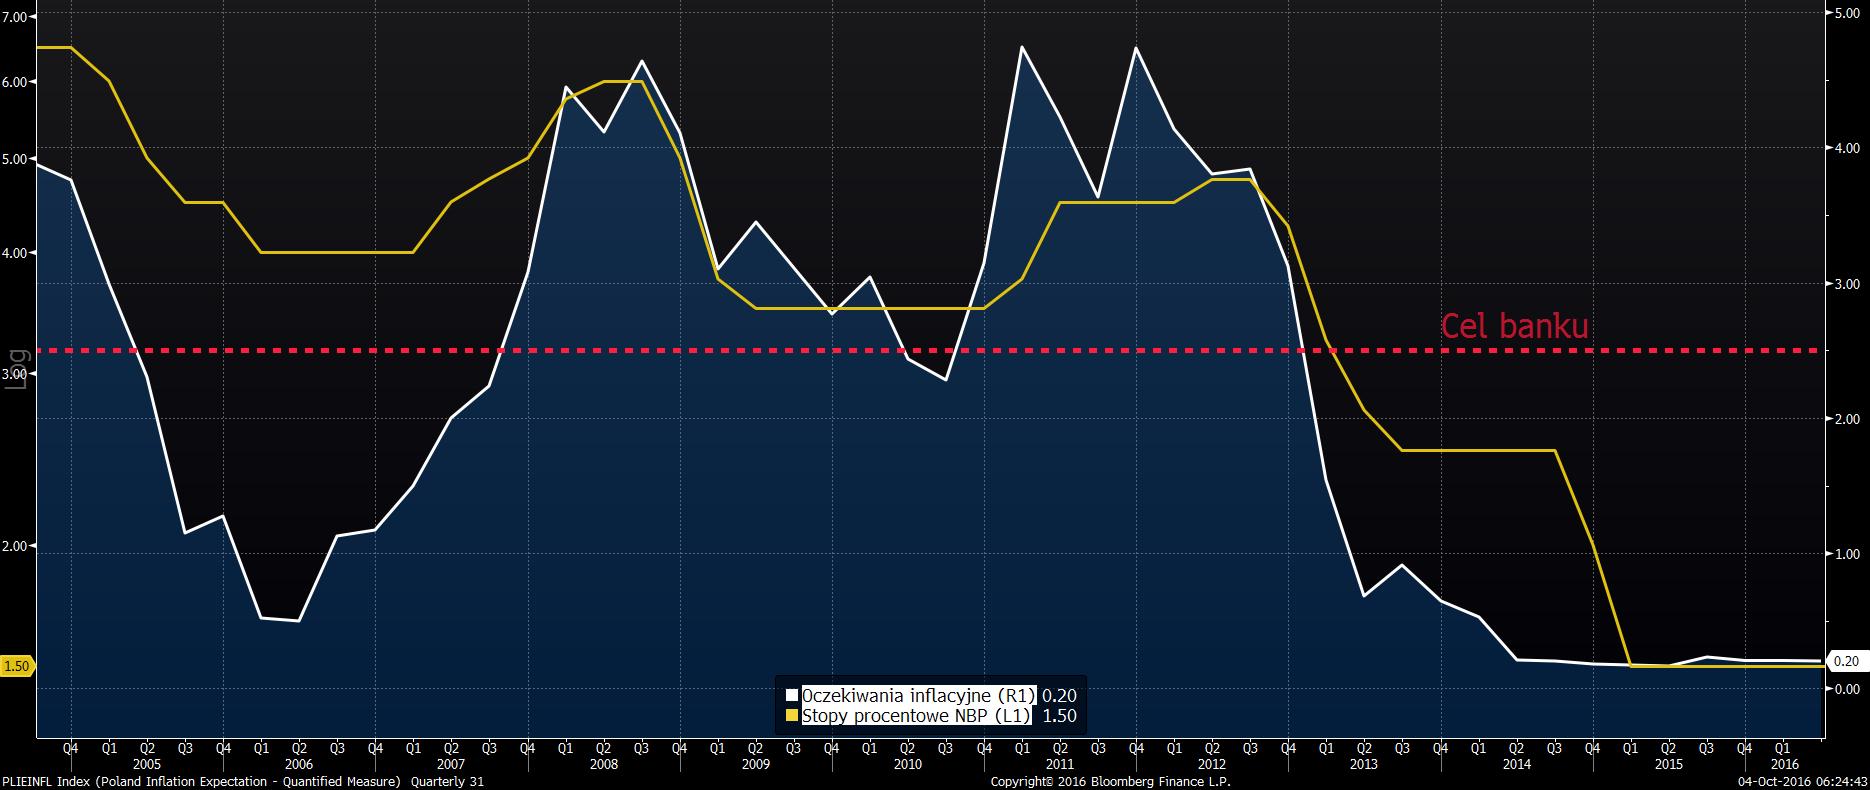 Oczekiwania inflacyjne na tle stóp procentowych w Polsce